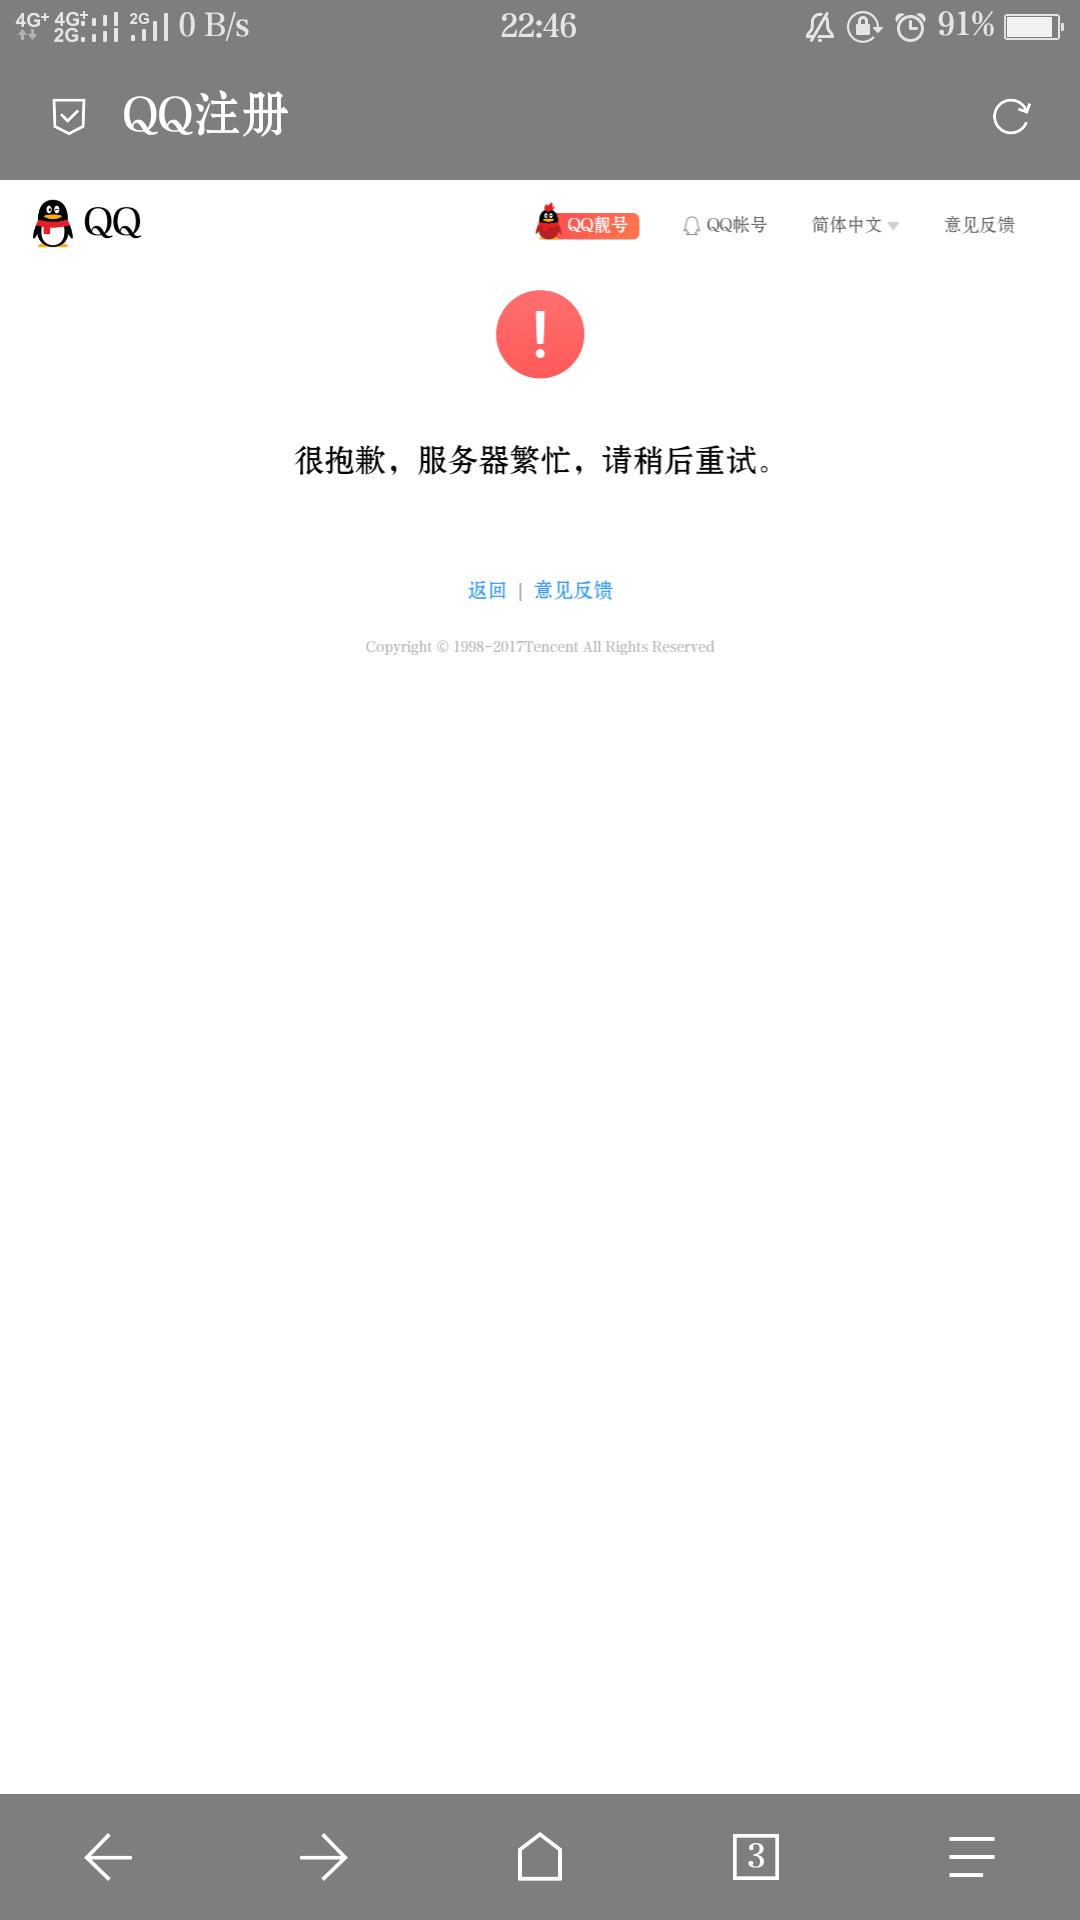 9位数QQ靓号免费申请